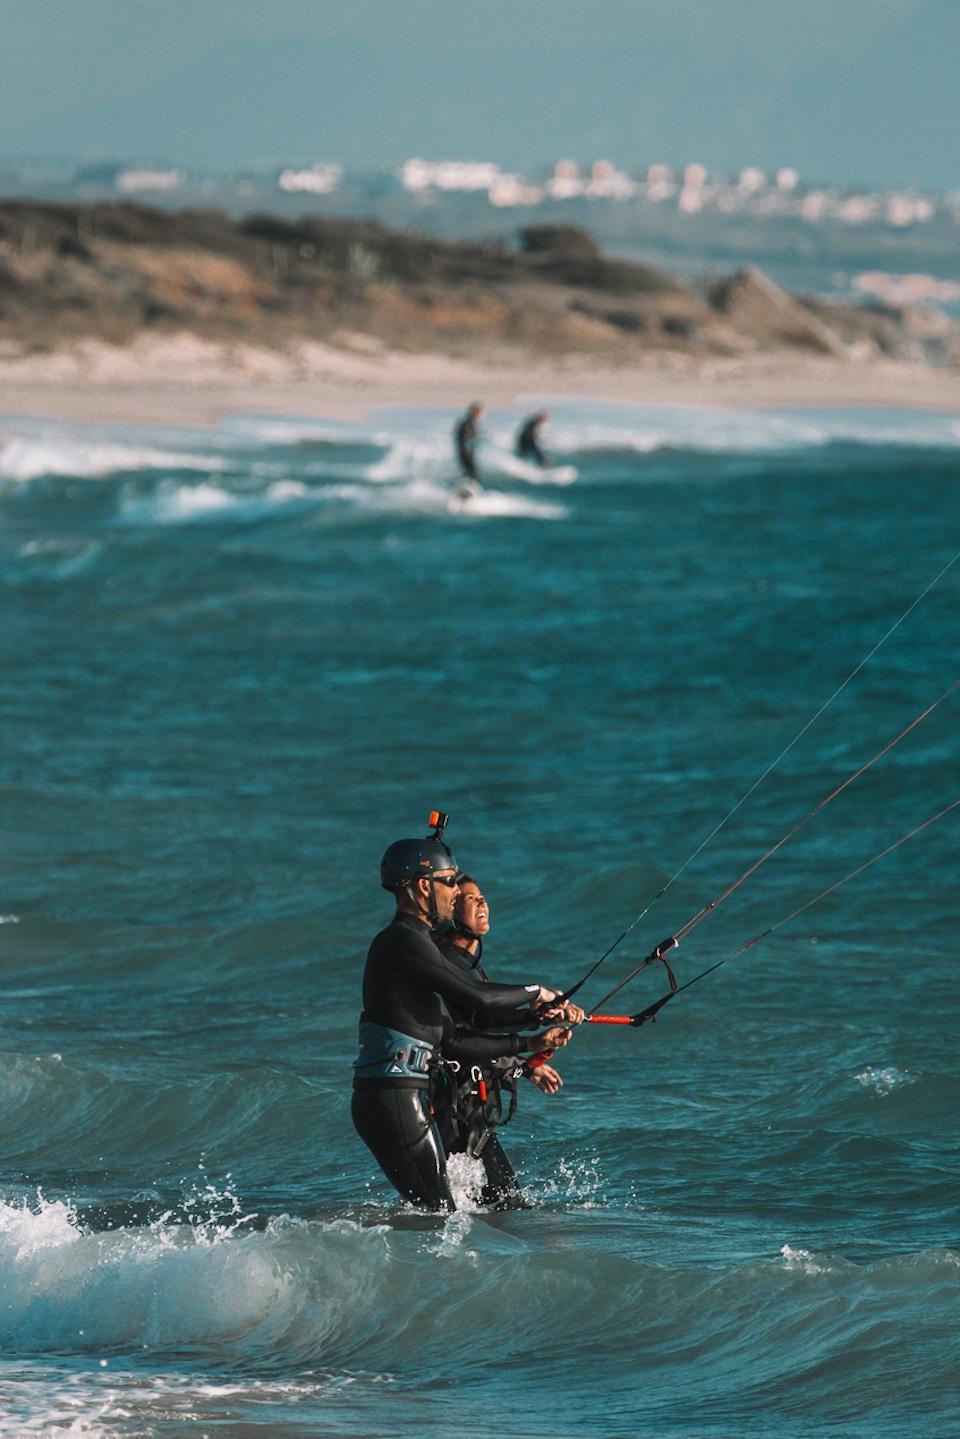 leren kitesurfen in Tarifa